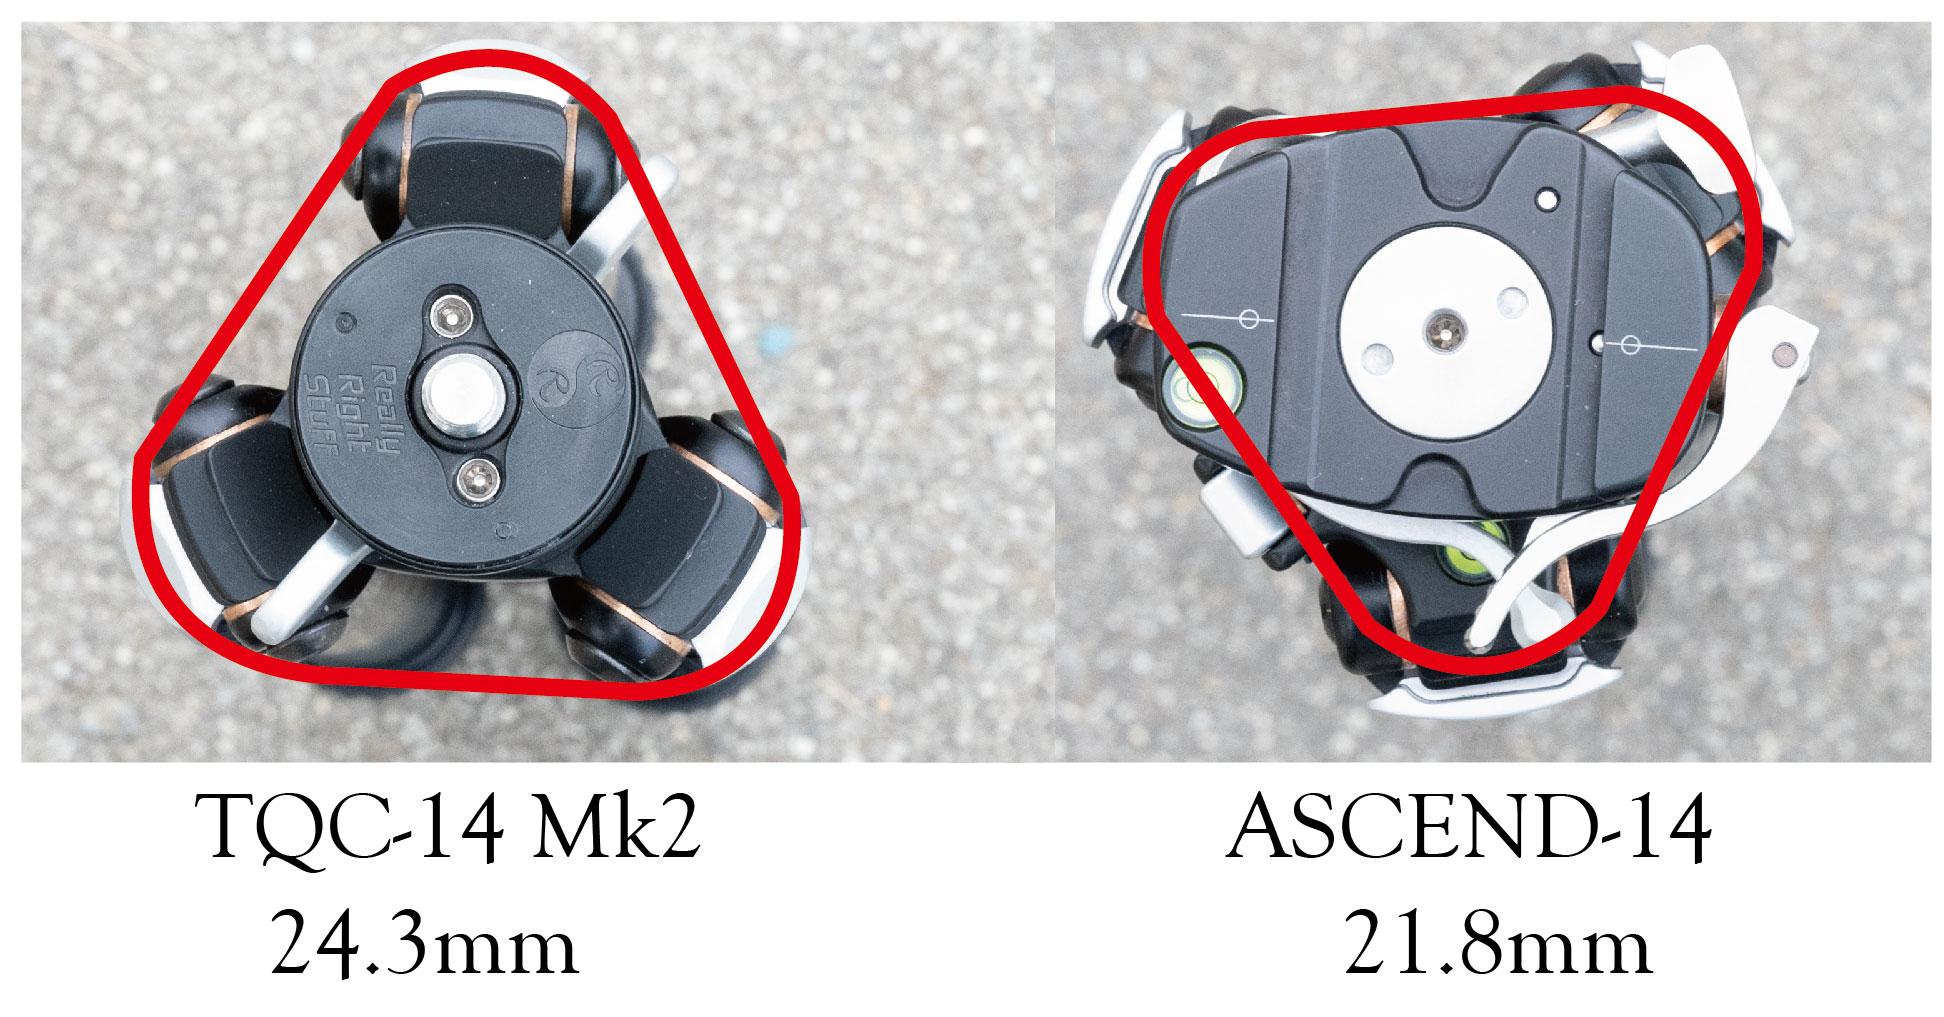 tqc-14 mk2 tfc-14 mk2 ascend-14